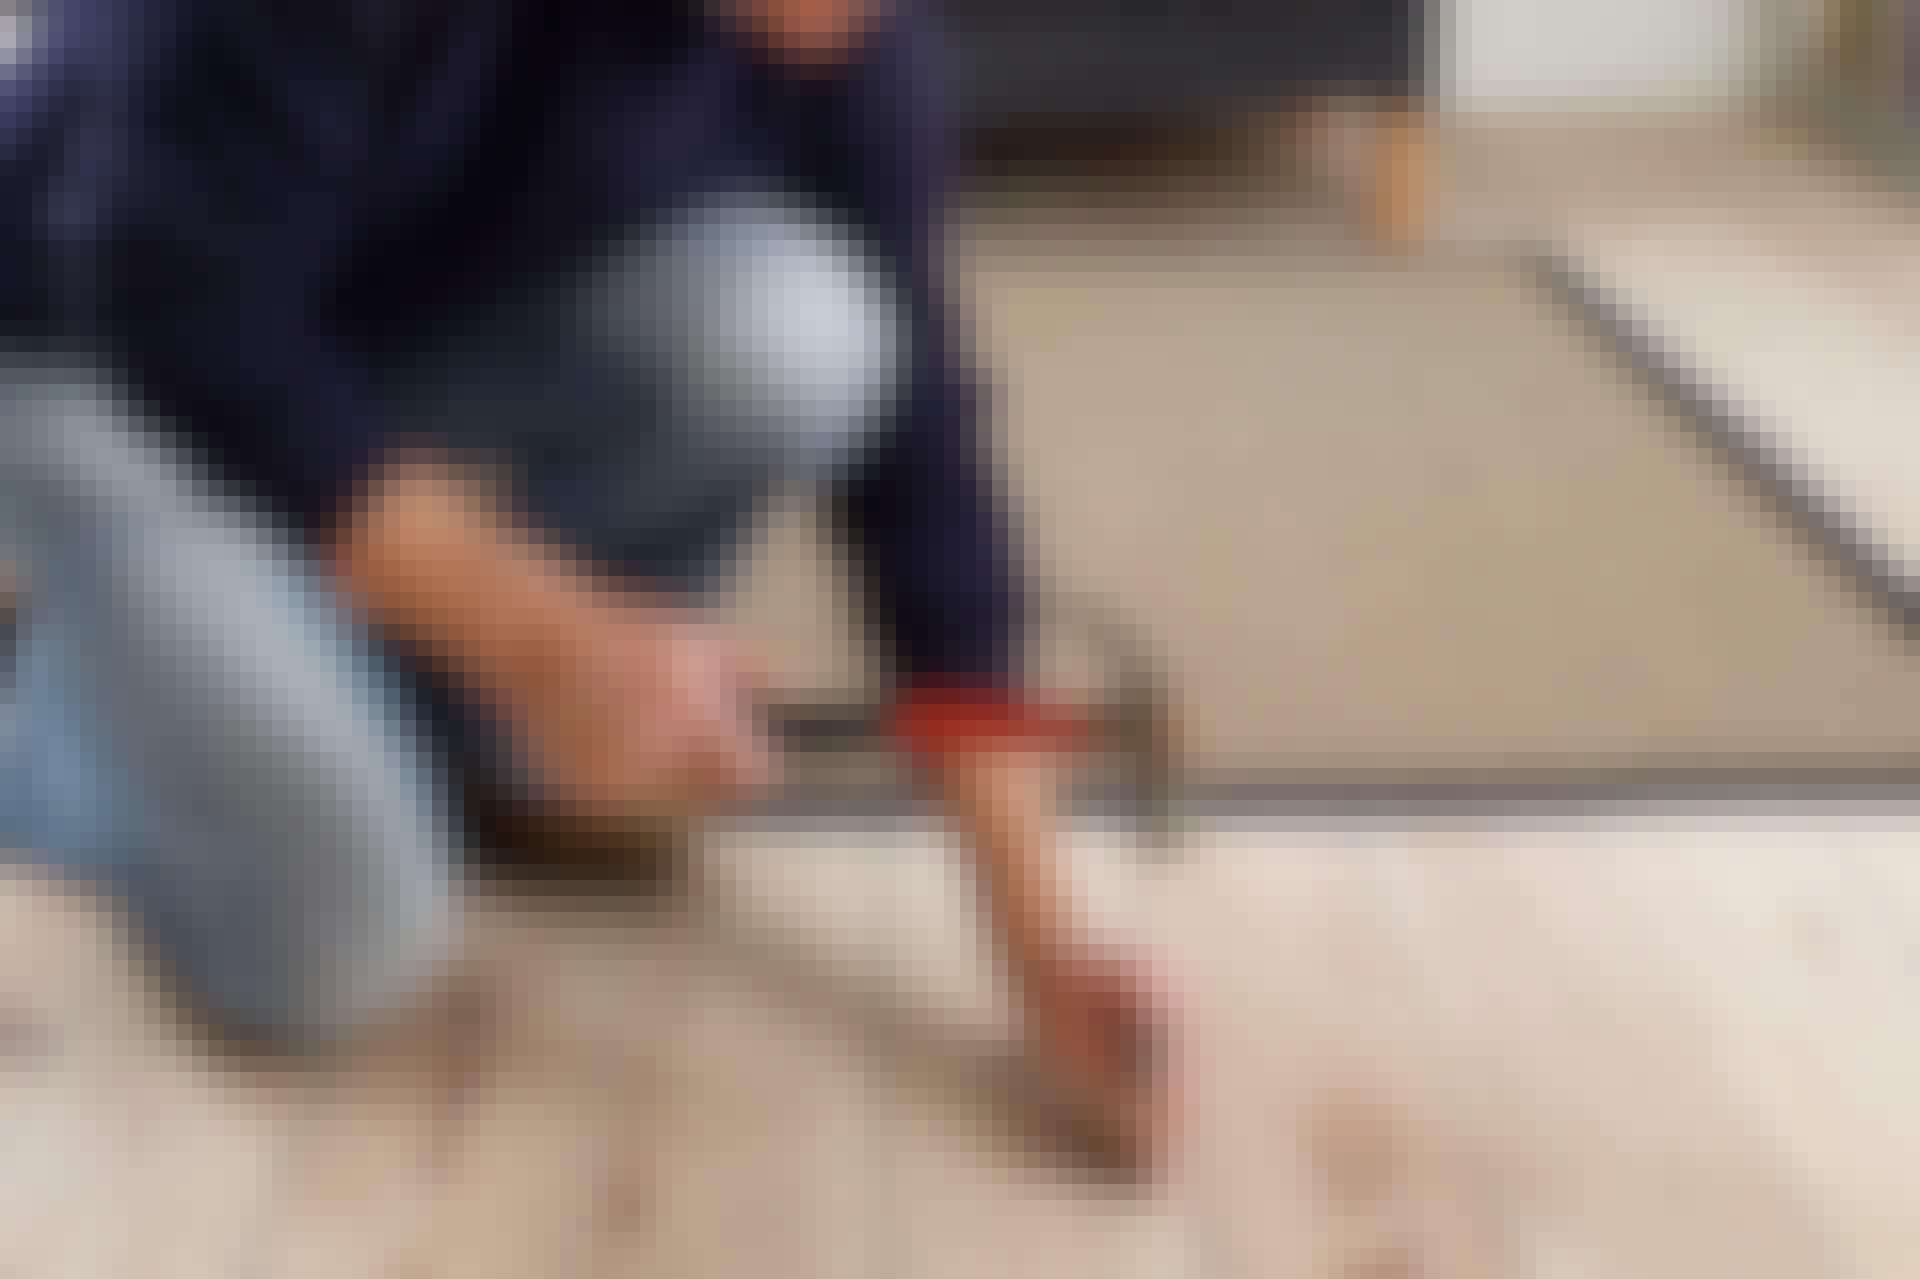 Et knirkende gulvbord skyldes som regel at det er oppstått en sprekk i den underliggende bjelken eller strøen, som gjør at en eller flere spikere sitter løst. Ettersom en slik sprekk nesten alltid kommer i midten av bjelken, og gulvet ofte er spikret nettopp i midten, kan det forklare mange knirkende steg på gulvet.